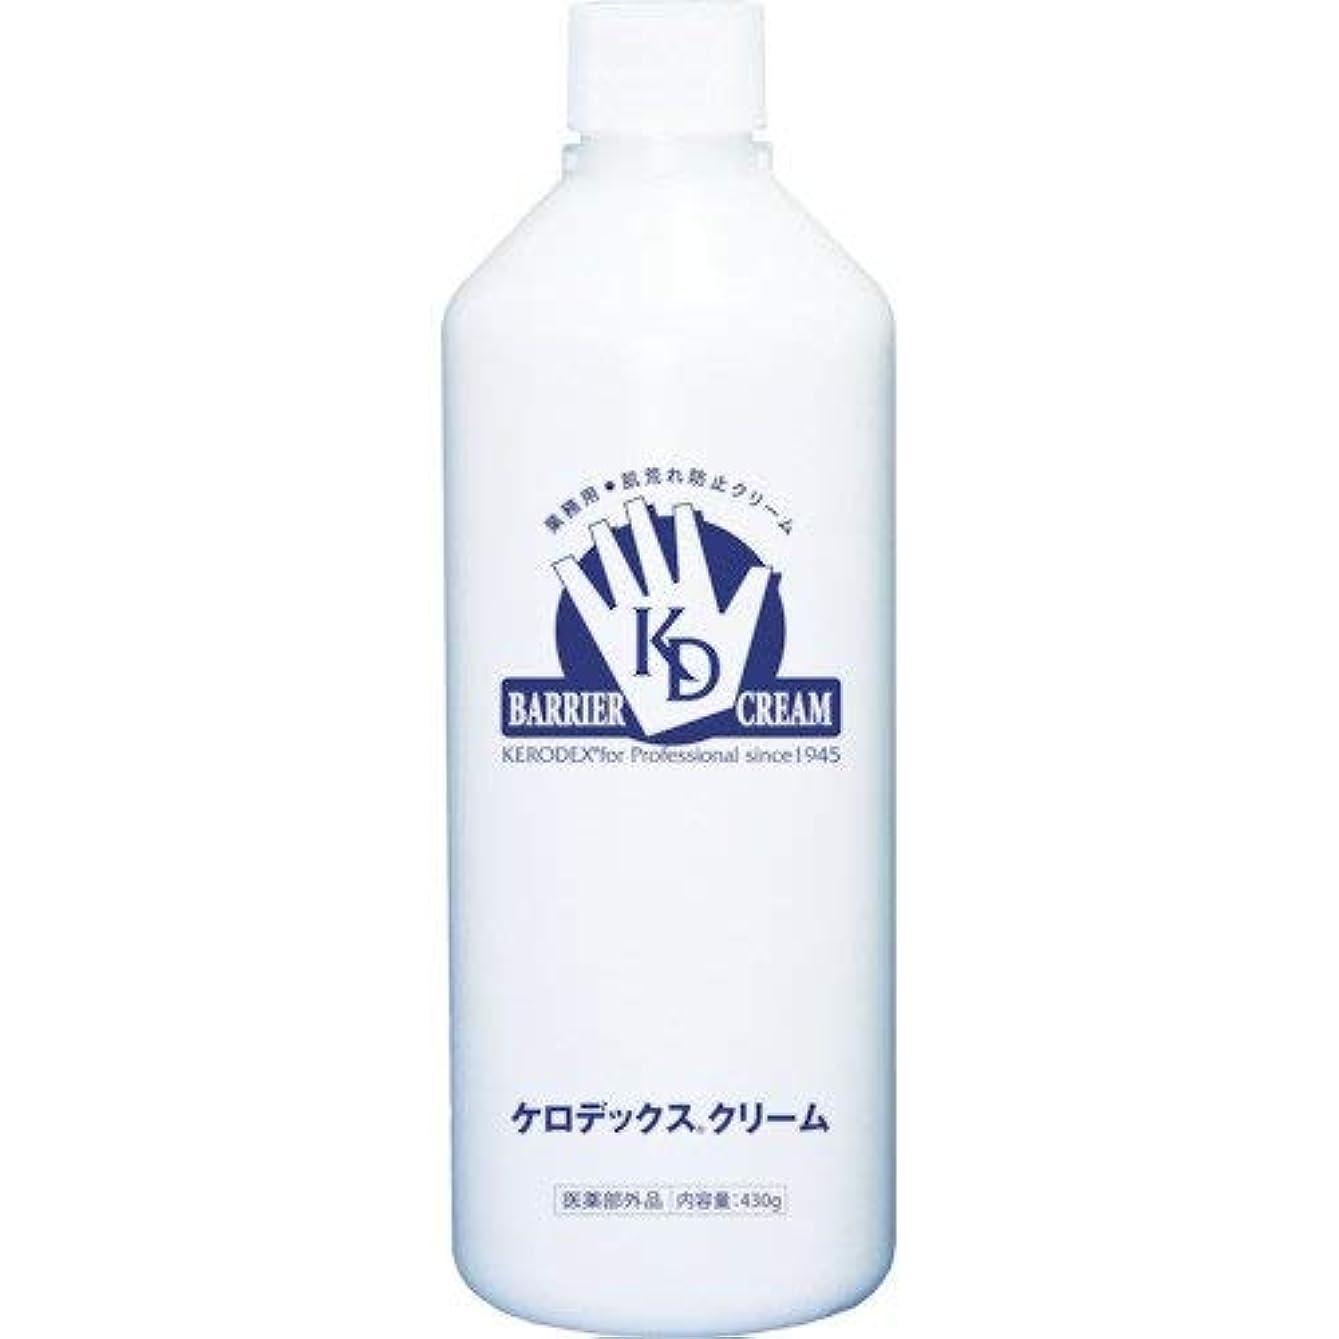 マトン該当する始める【2個セット】ケロデックスクリーム ボトルタイプ 詰替用 430g